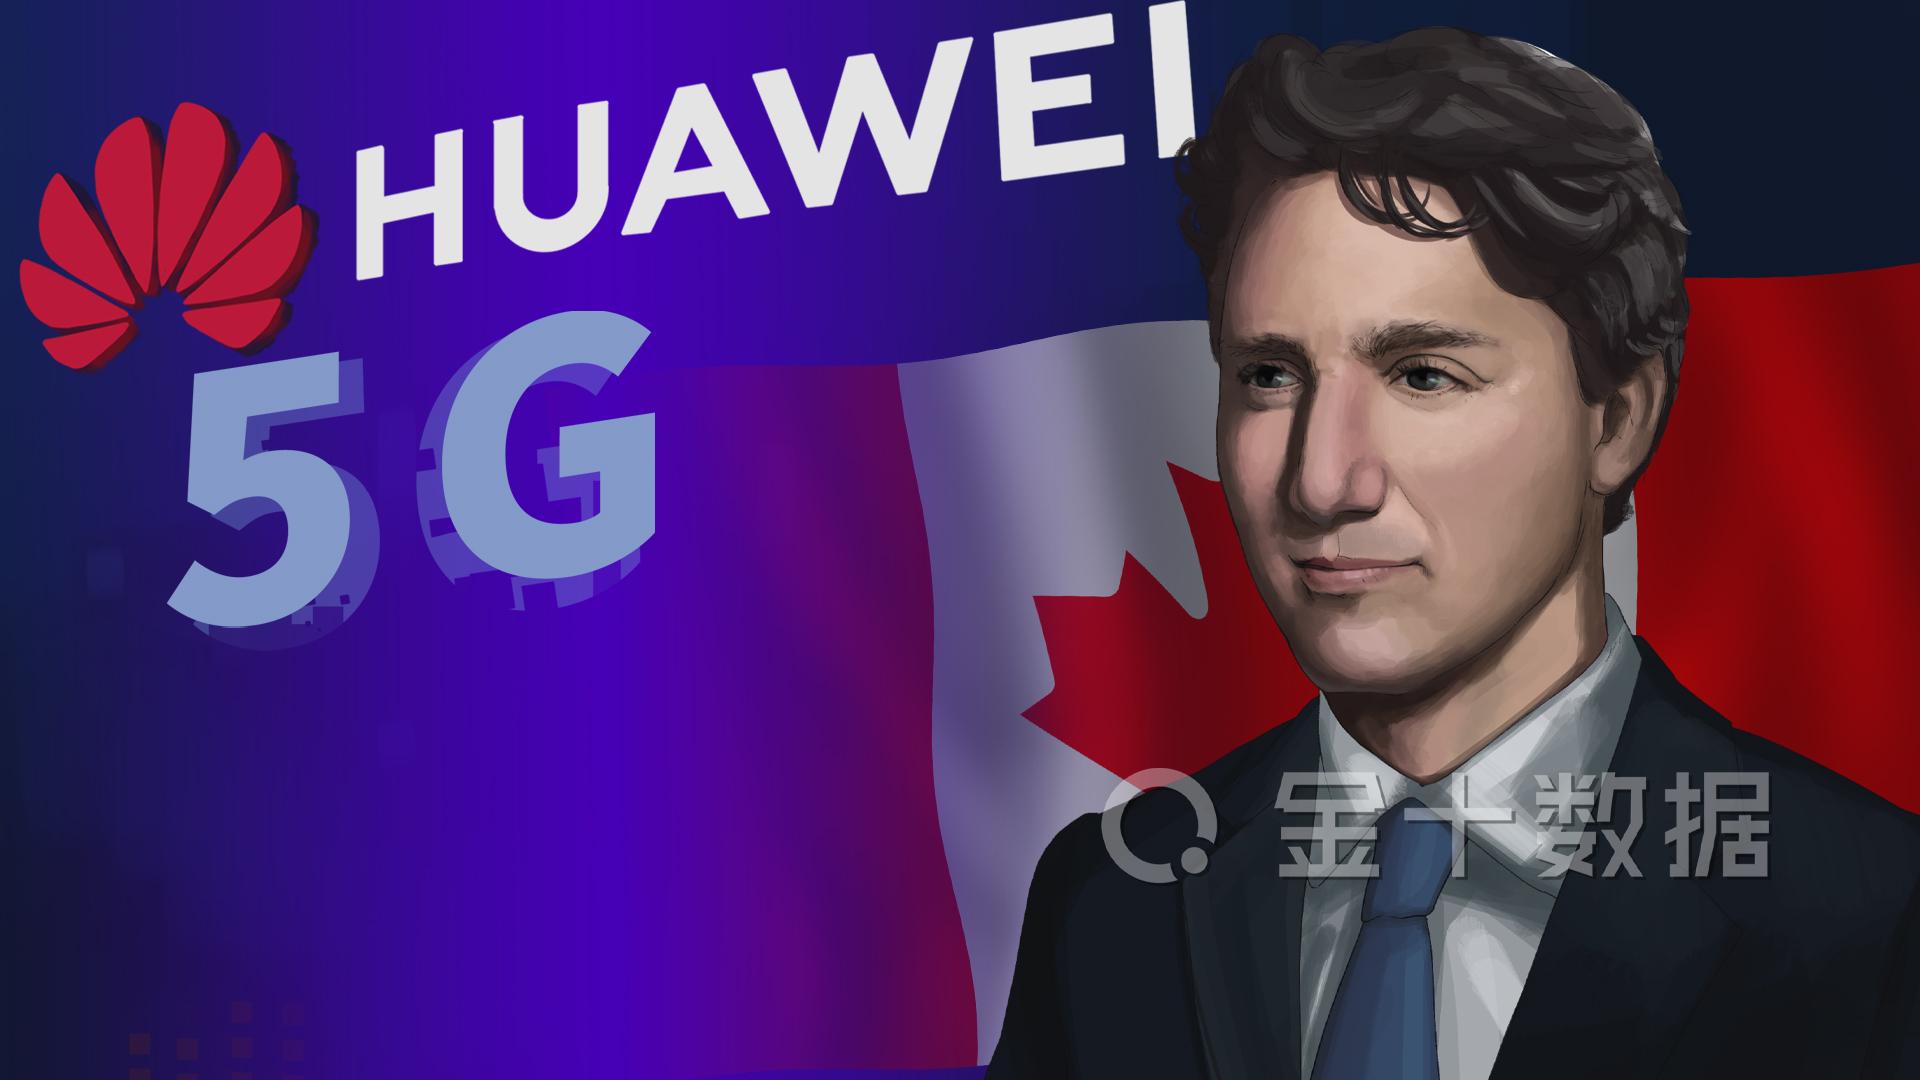 弃用华为?加拿大2大电信运营商相继宣布:与欧洲公司合作5G